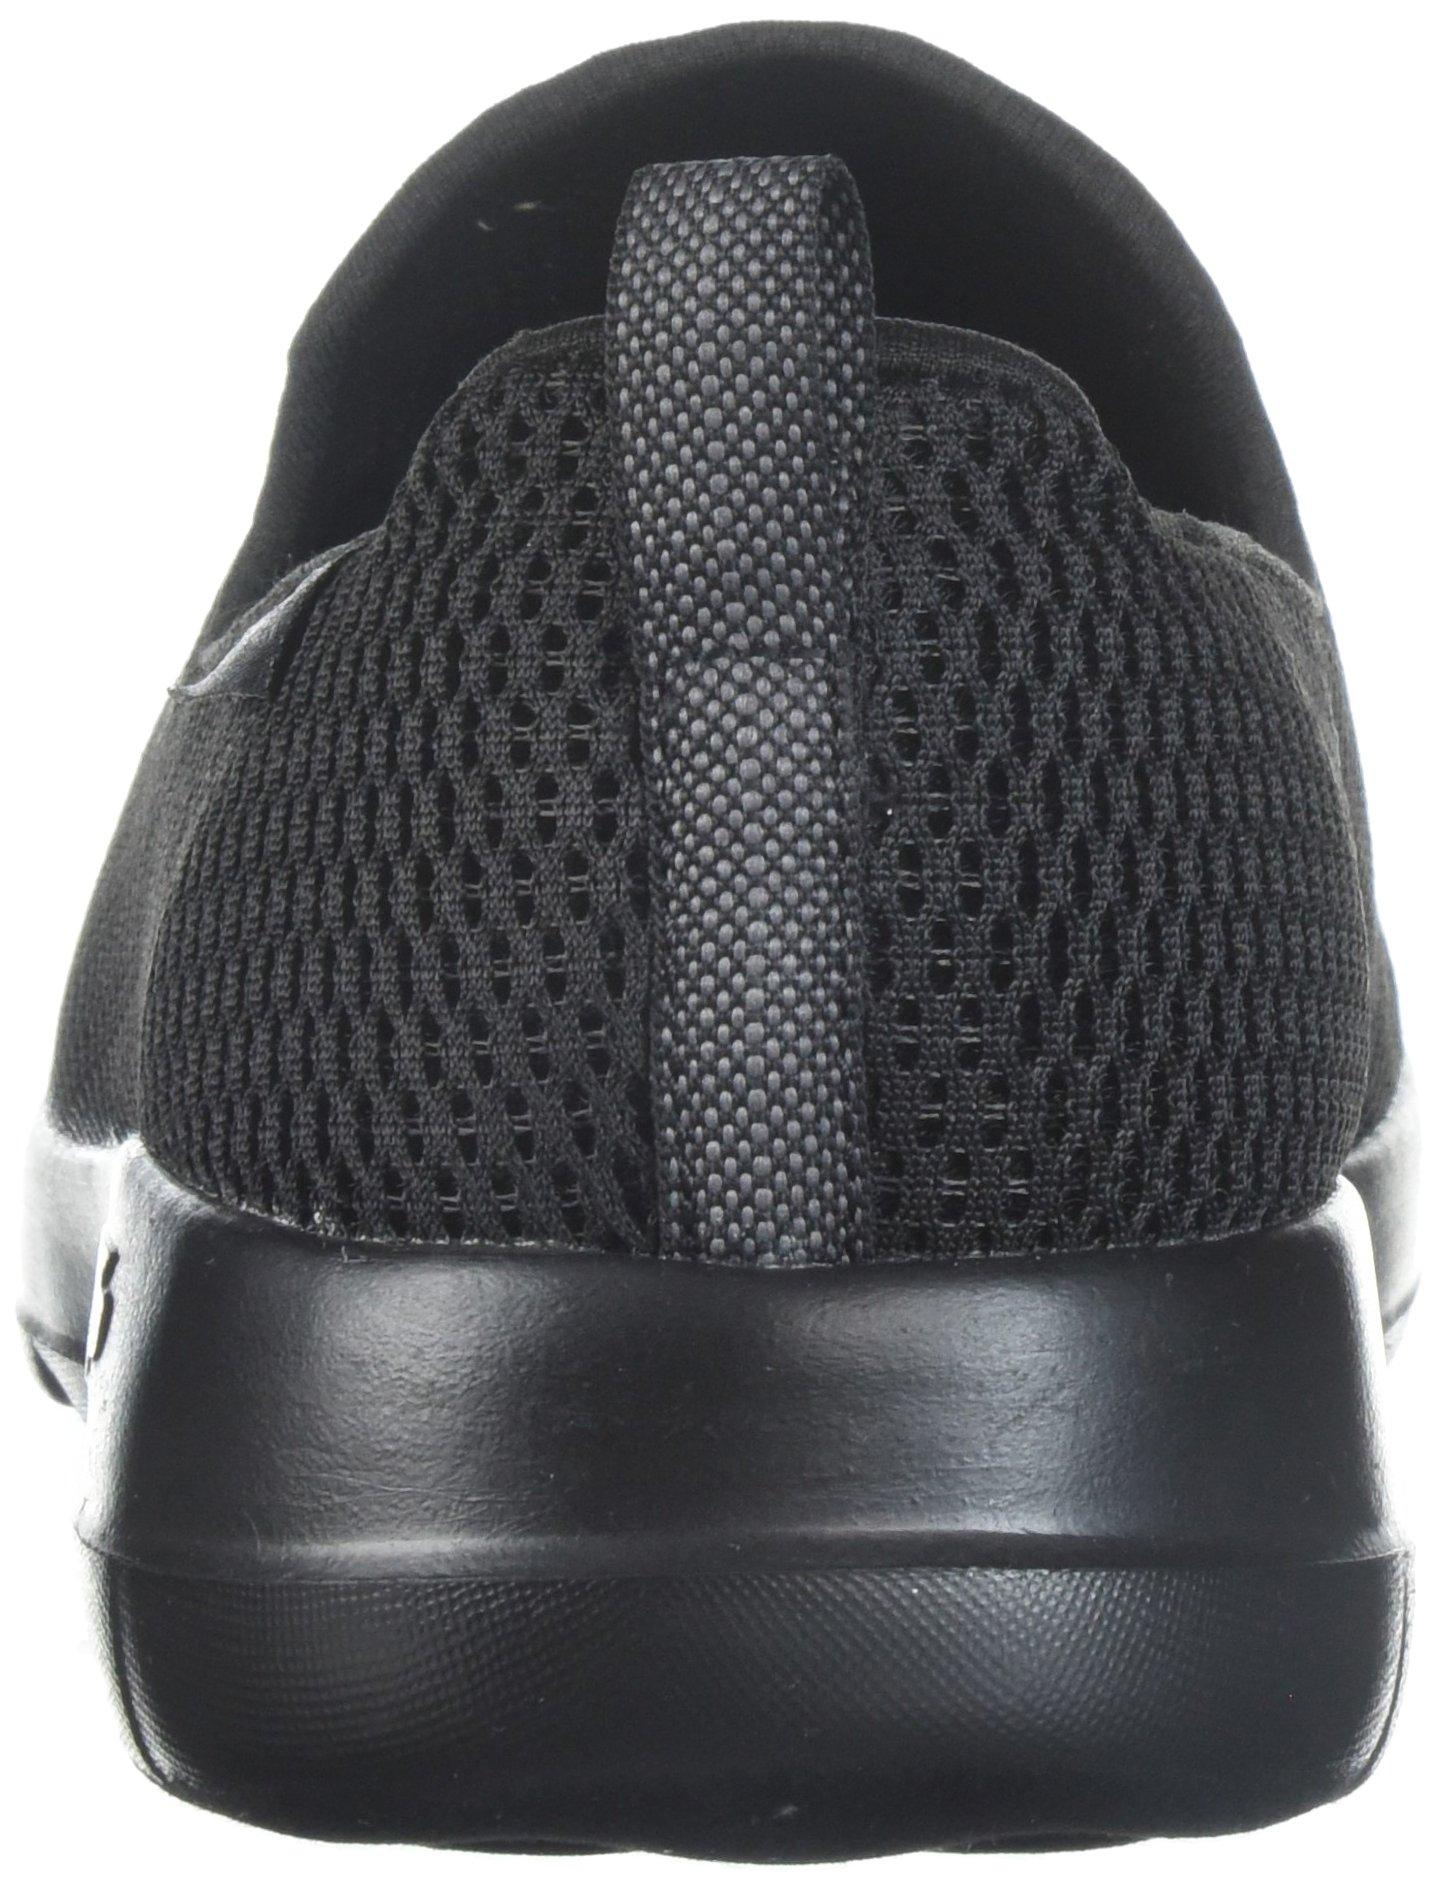 Skechers Performance Women's Go Walk Joy Walking Shoe,black,5 M US by Skechers (Image #2)